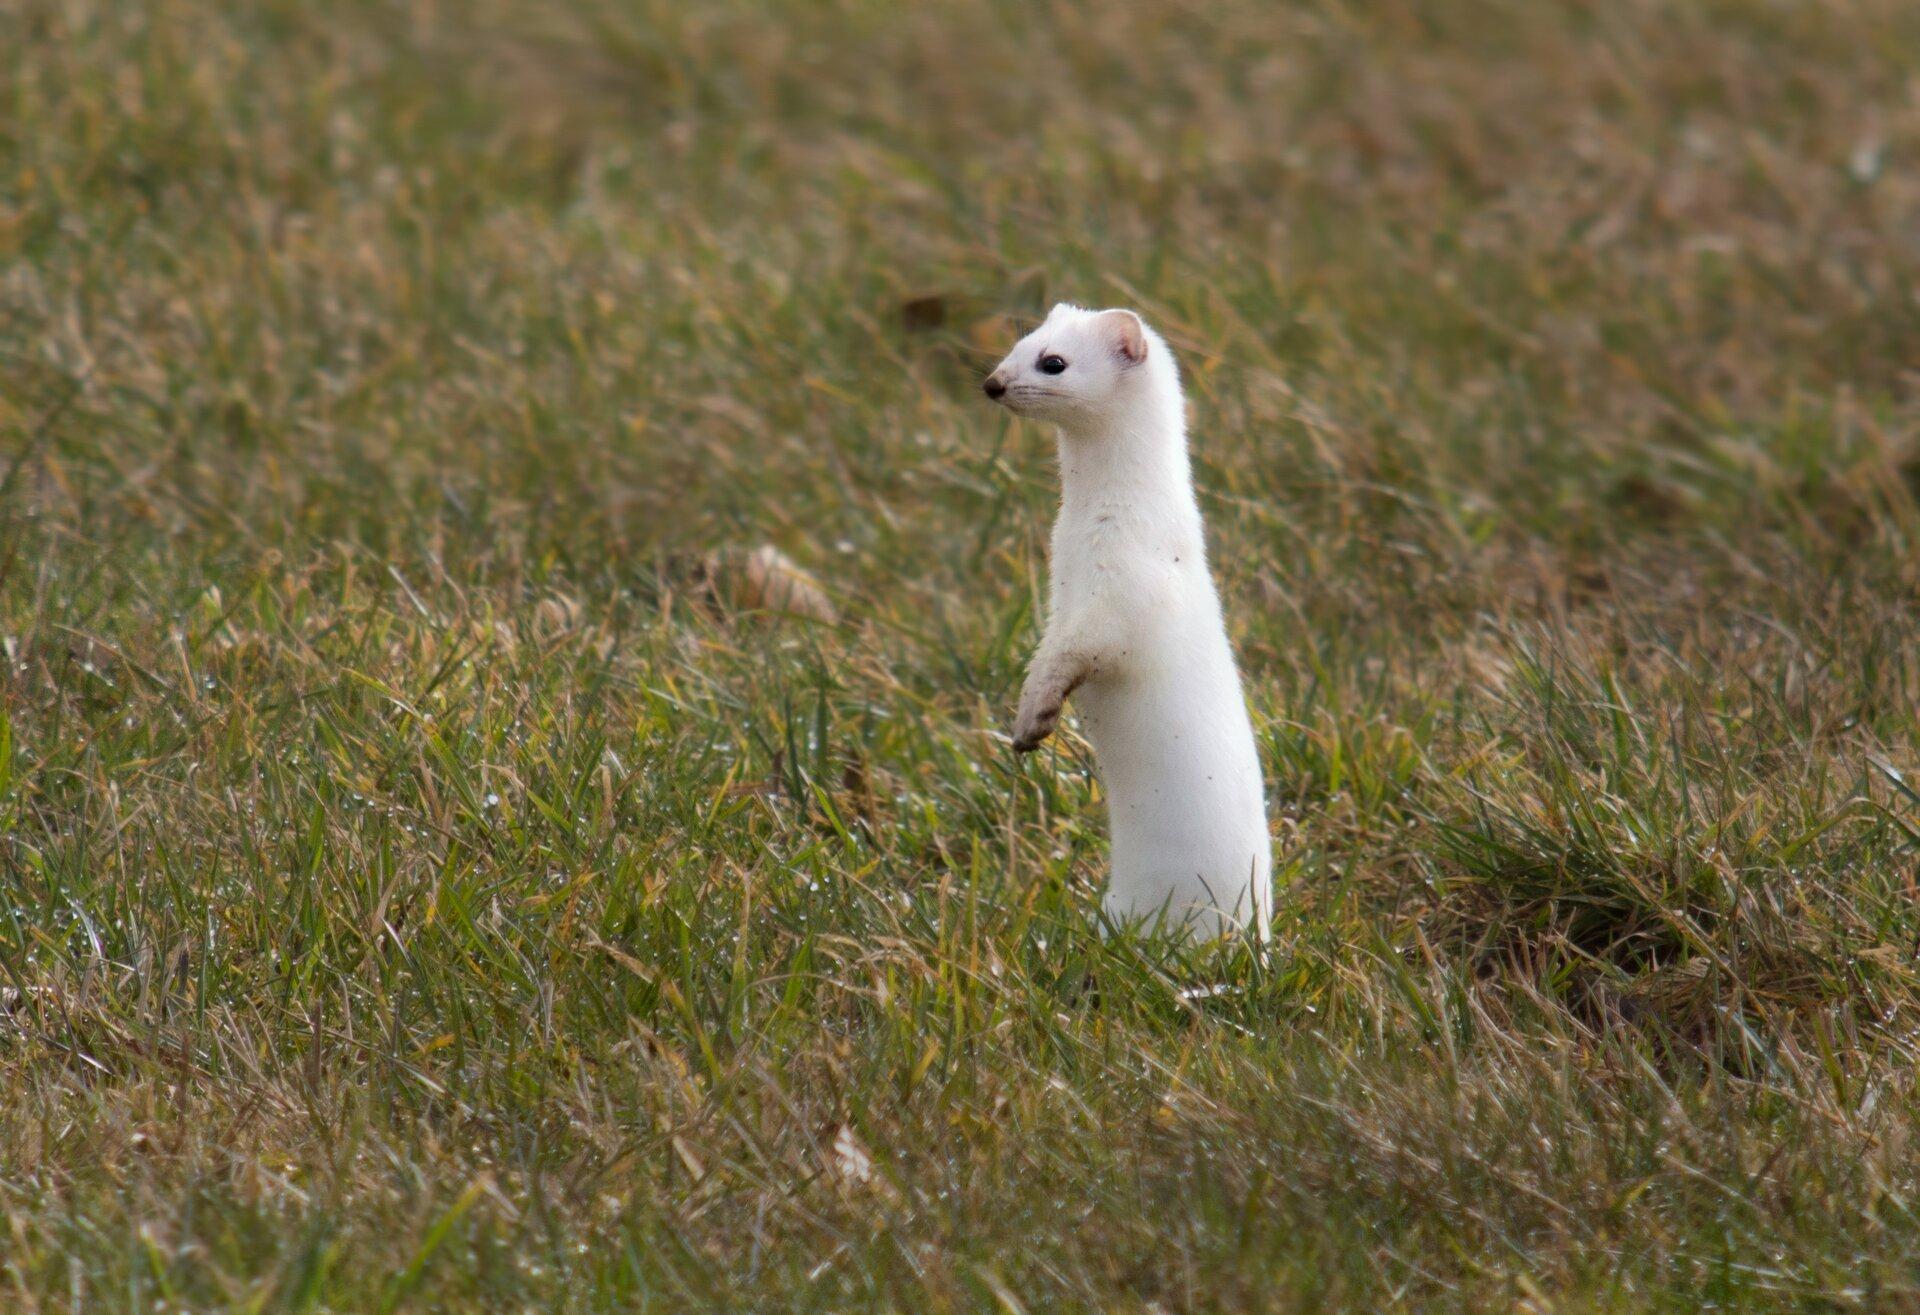 Fotografia prezentuje stojącego na tylnych nogach gronostaja. Gronostaj jest niewielkich rozmiarów, ma białe futro, czarne oczy inos.